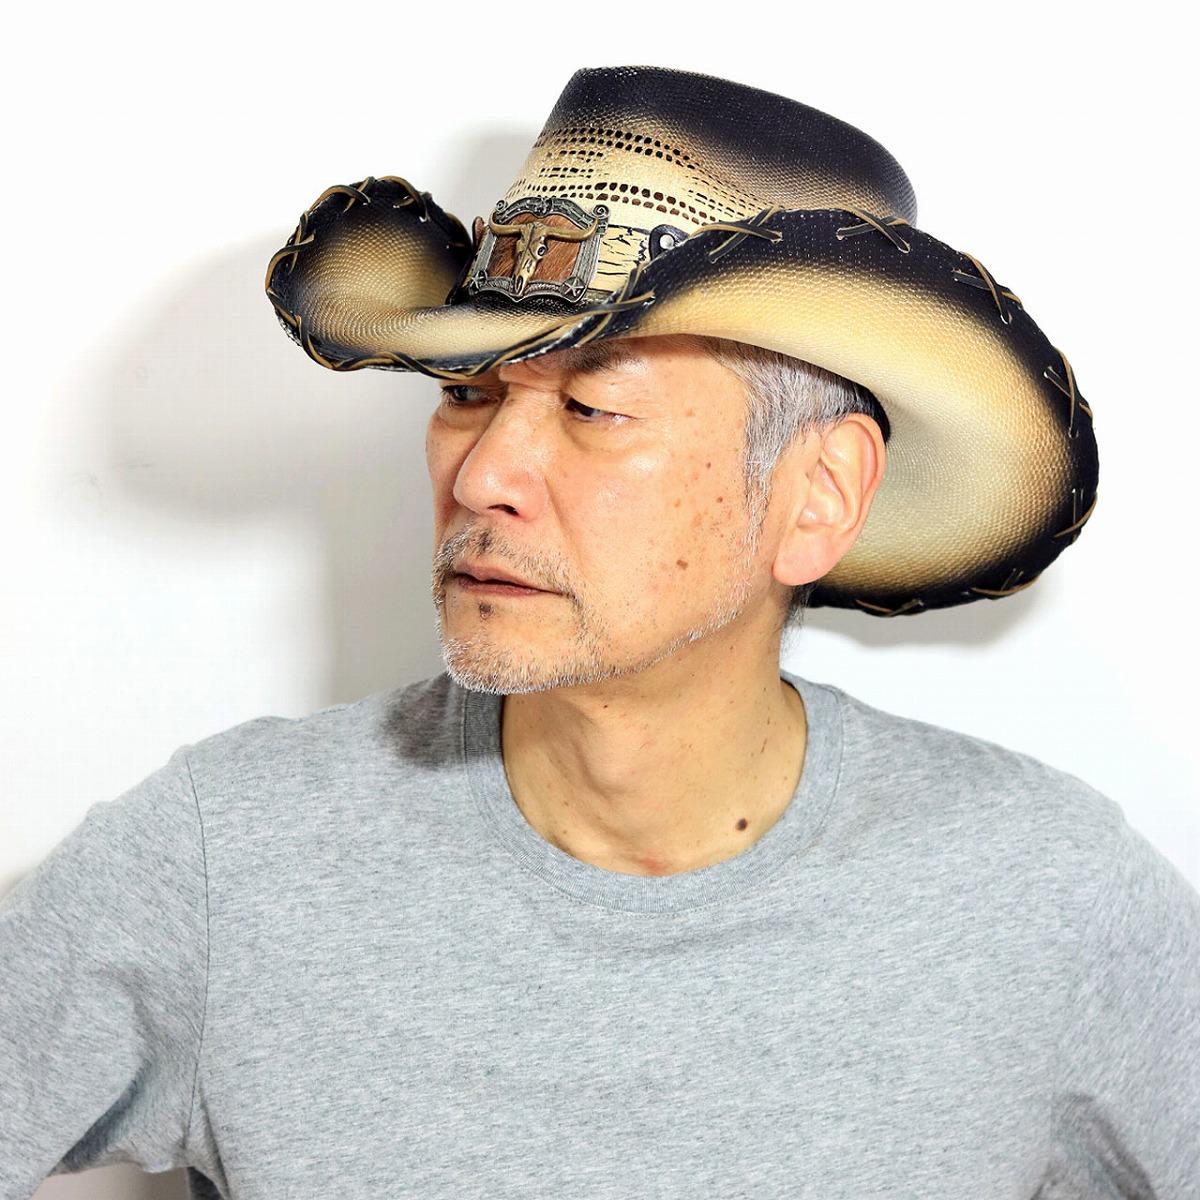 カウボーイハット バンゴラ メンズ California Hat Company Inc. ウエスタン ストローハット メンズ つば広ハット ロングホーン テンガロンハット バンゴラ草 グラデーションカラー ティーステイン [ straw hat ] [ cowboy hat ] 父の日 ギフト 帽子 男性 誕生日 プレゼント